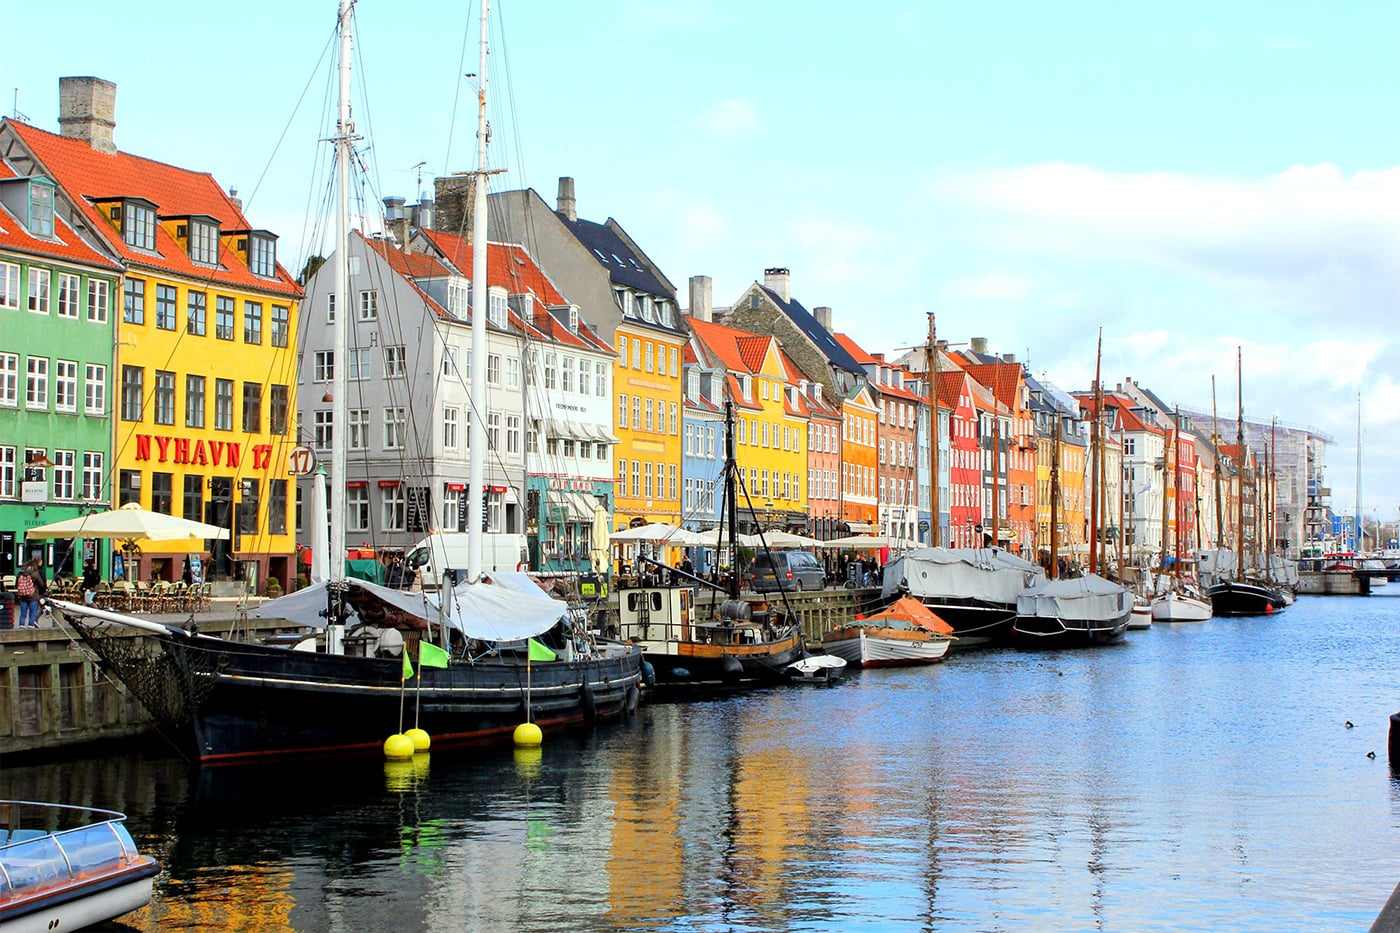 https://www.capitalonstage.com/wp-content/uploads/2017/06/Copenhagen.jpg